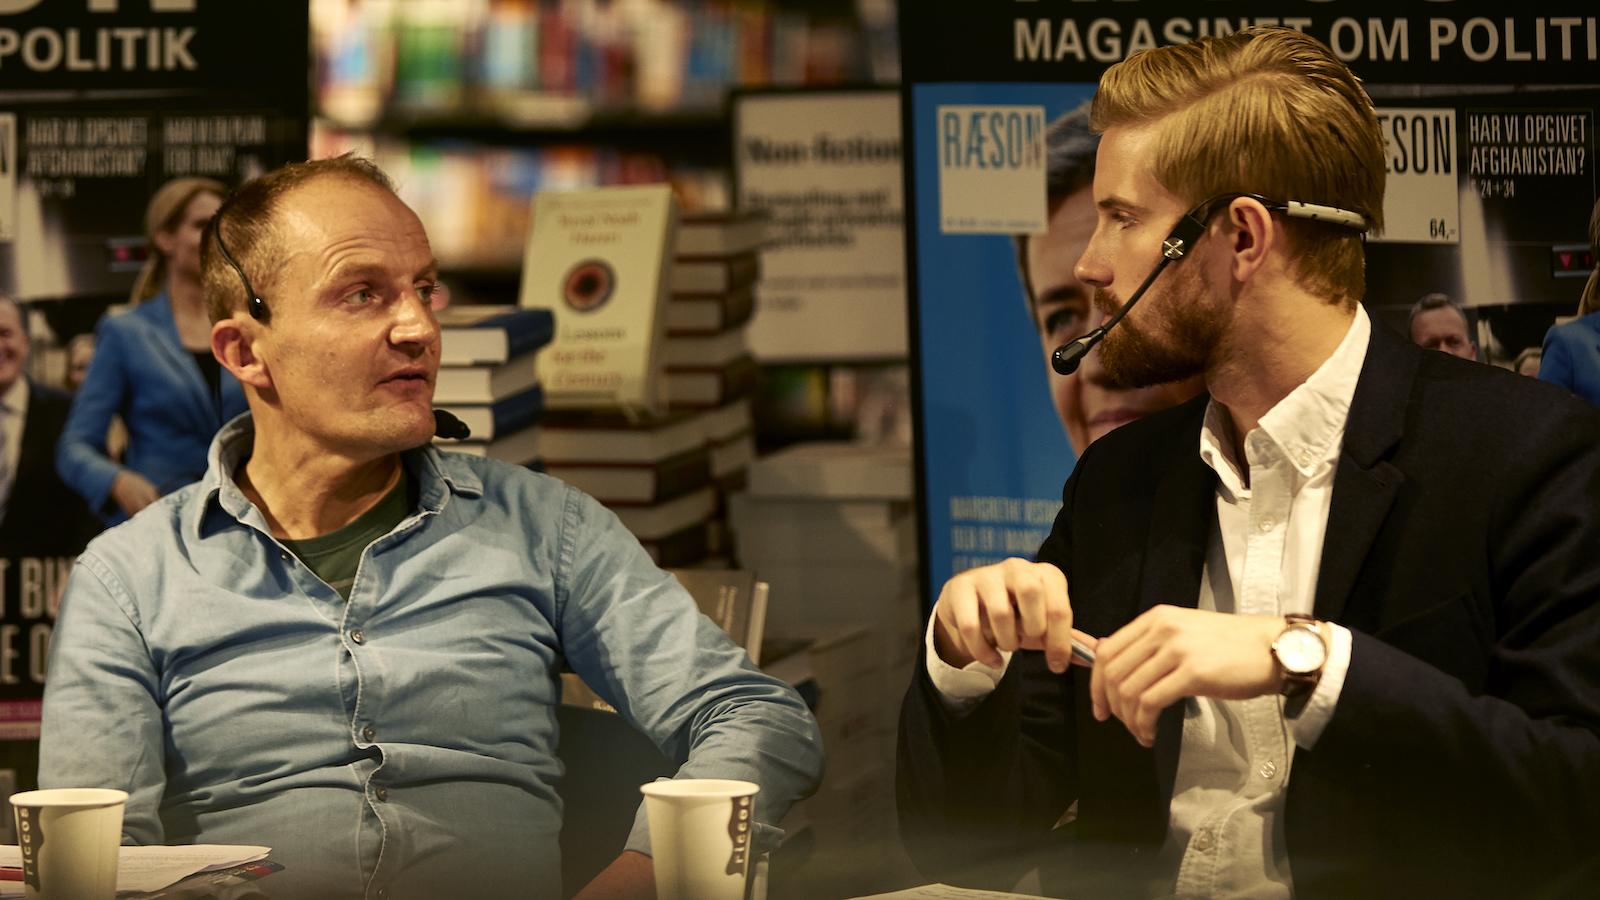 Morten Lisborg: Det nuværende asylsystem er dysfunktionelt, uretfærdigt, dyrt og ineffektivt